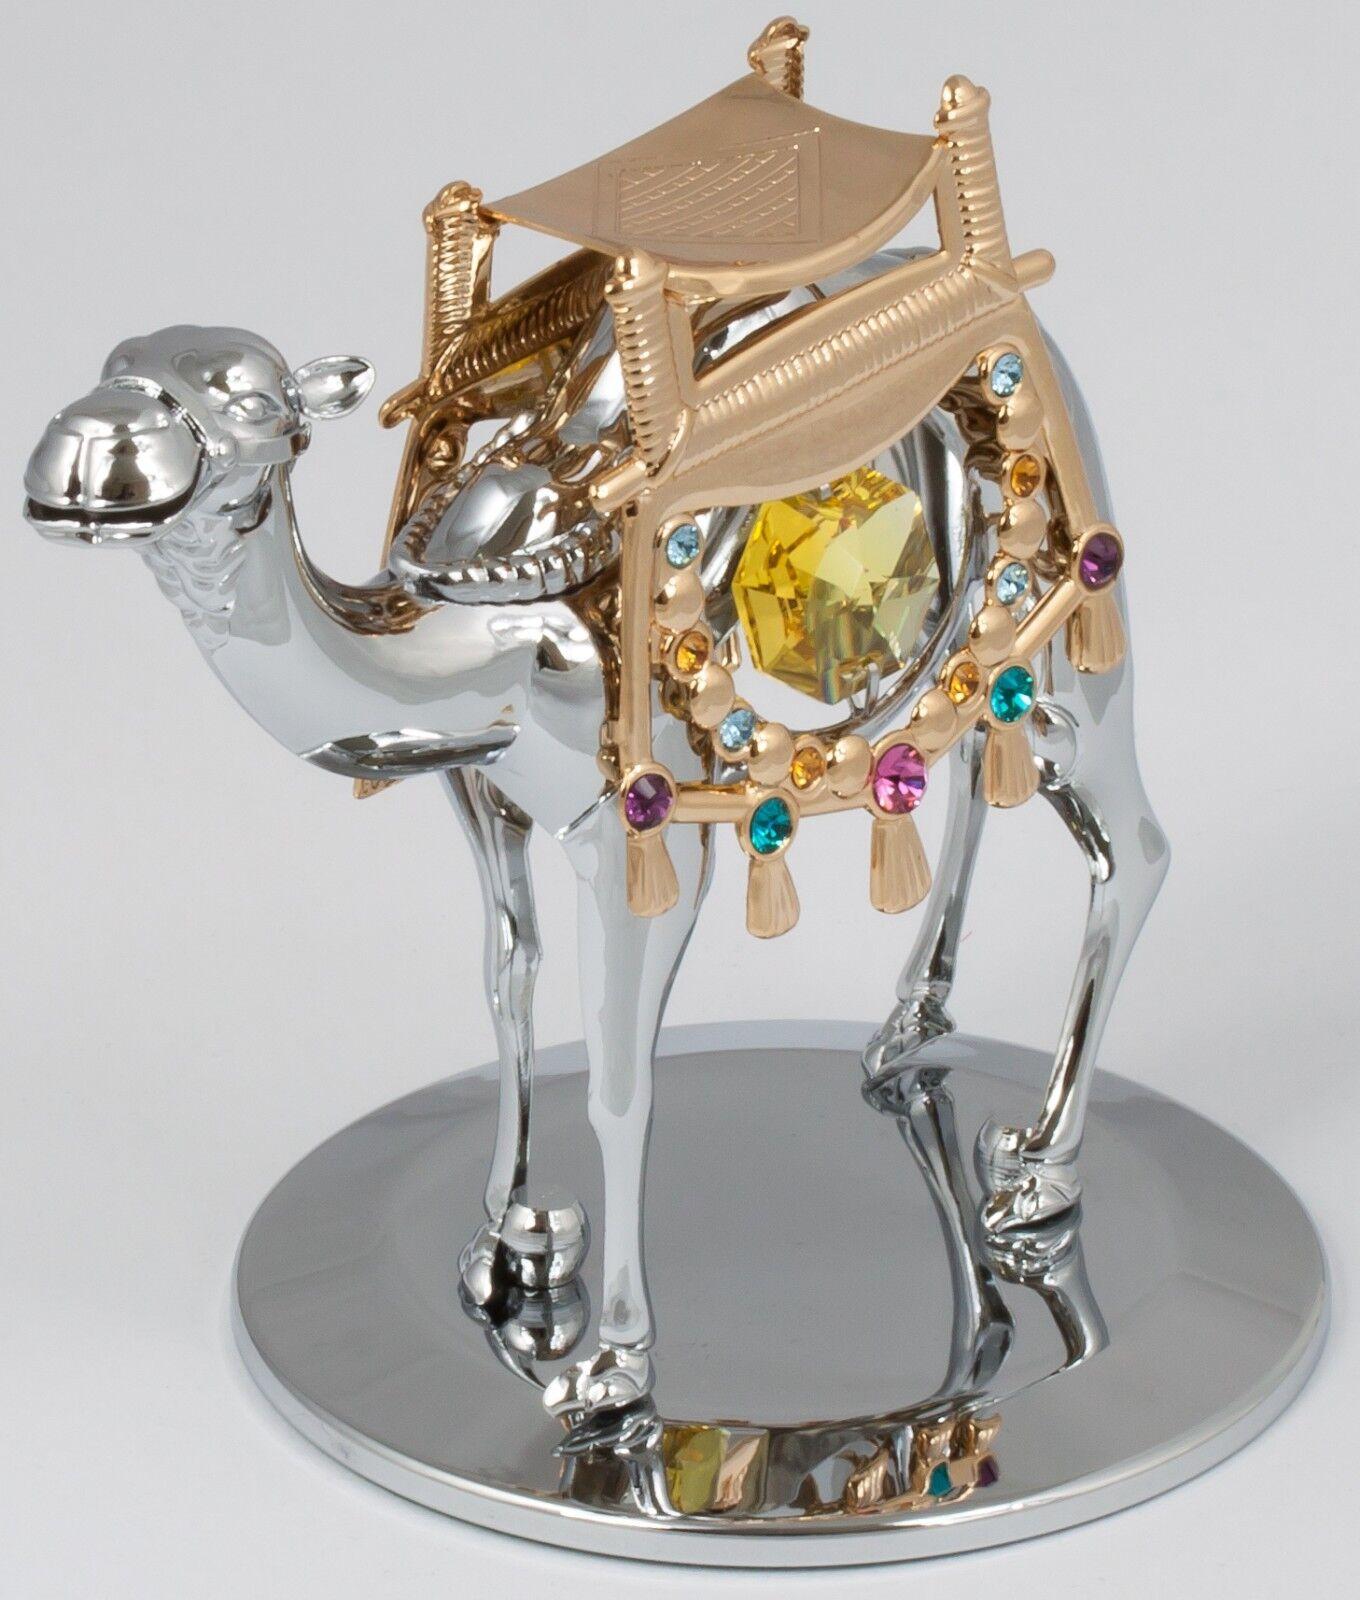 Kamel Kristallglas Figur Dekoration silberfarben MADE WITH SWAROVSKI ELEMENTS